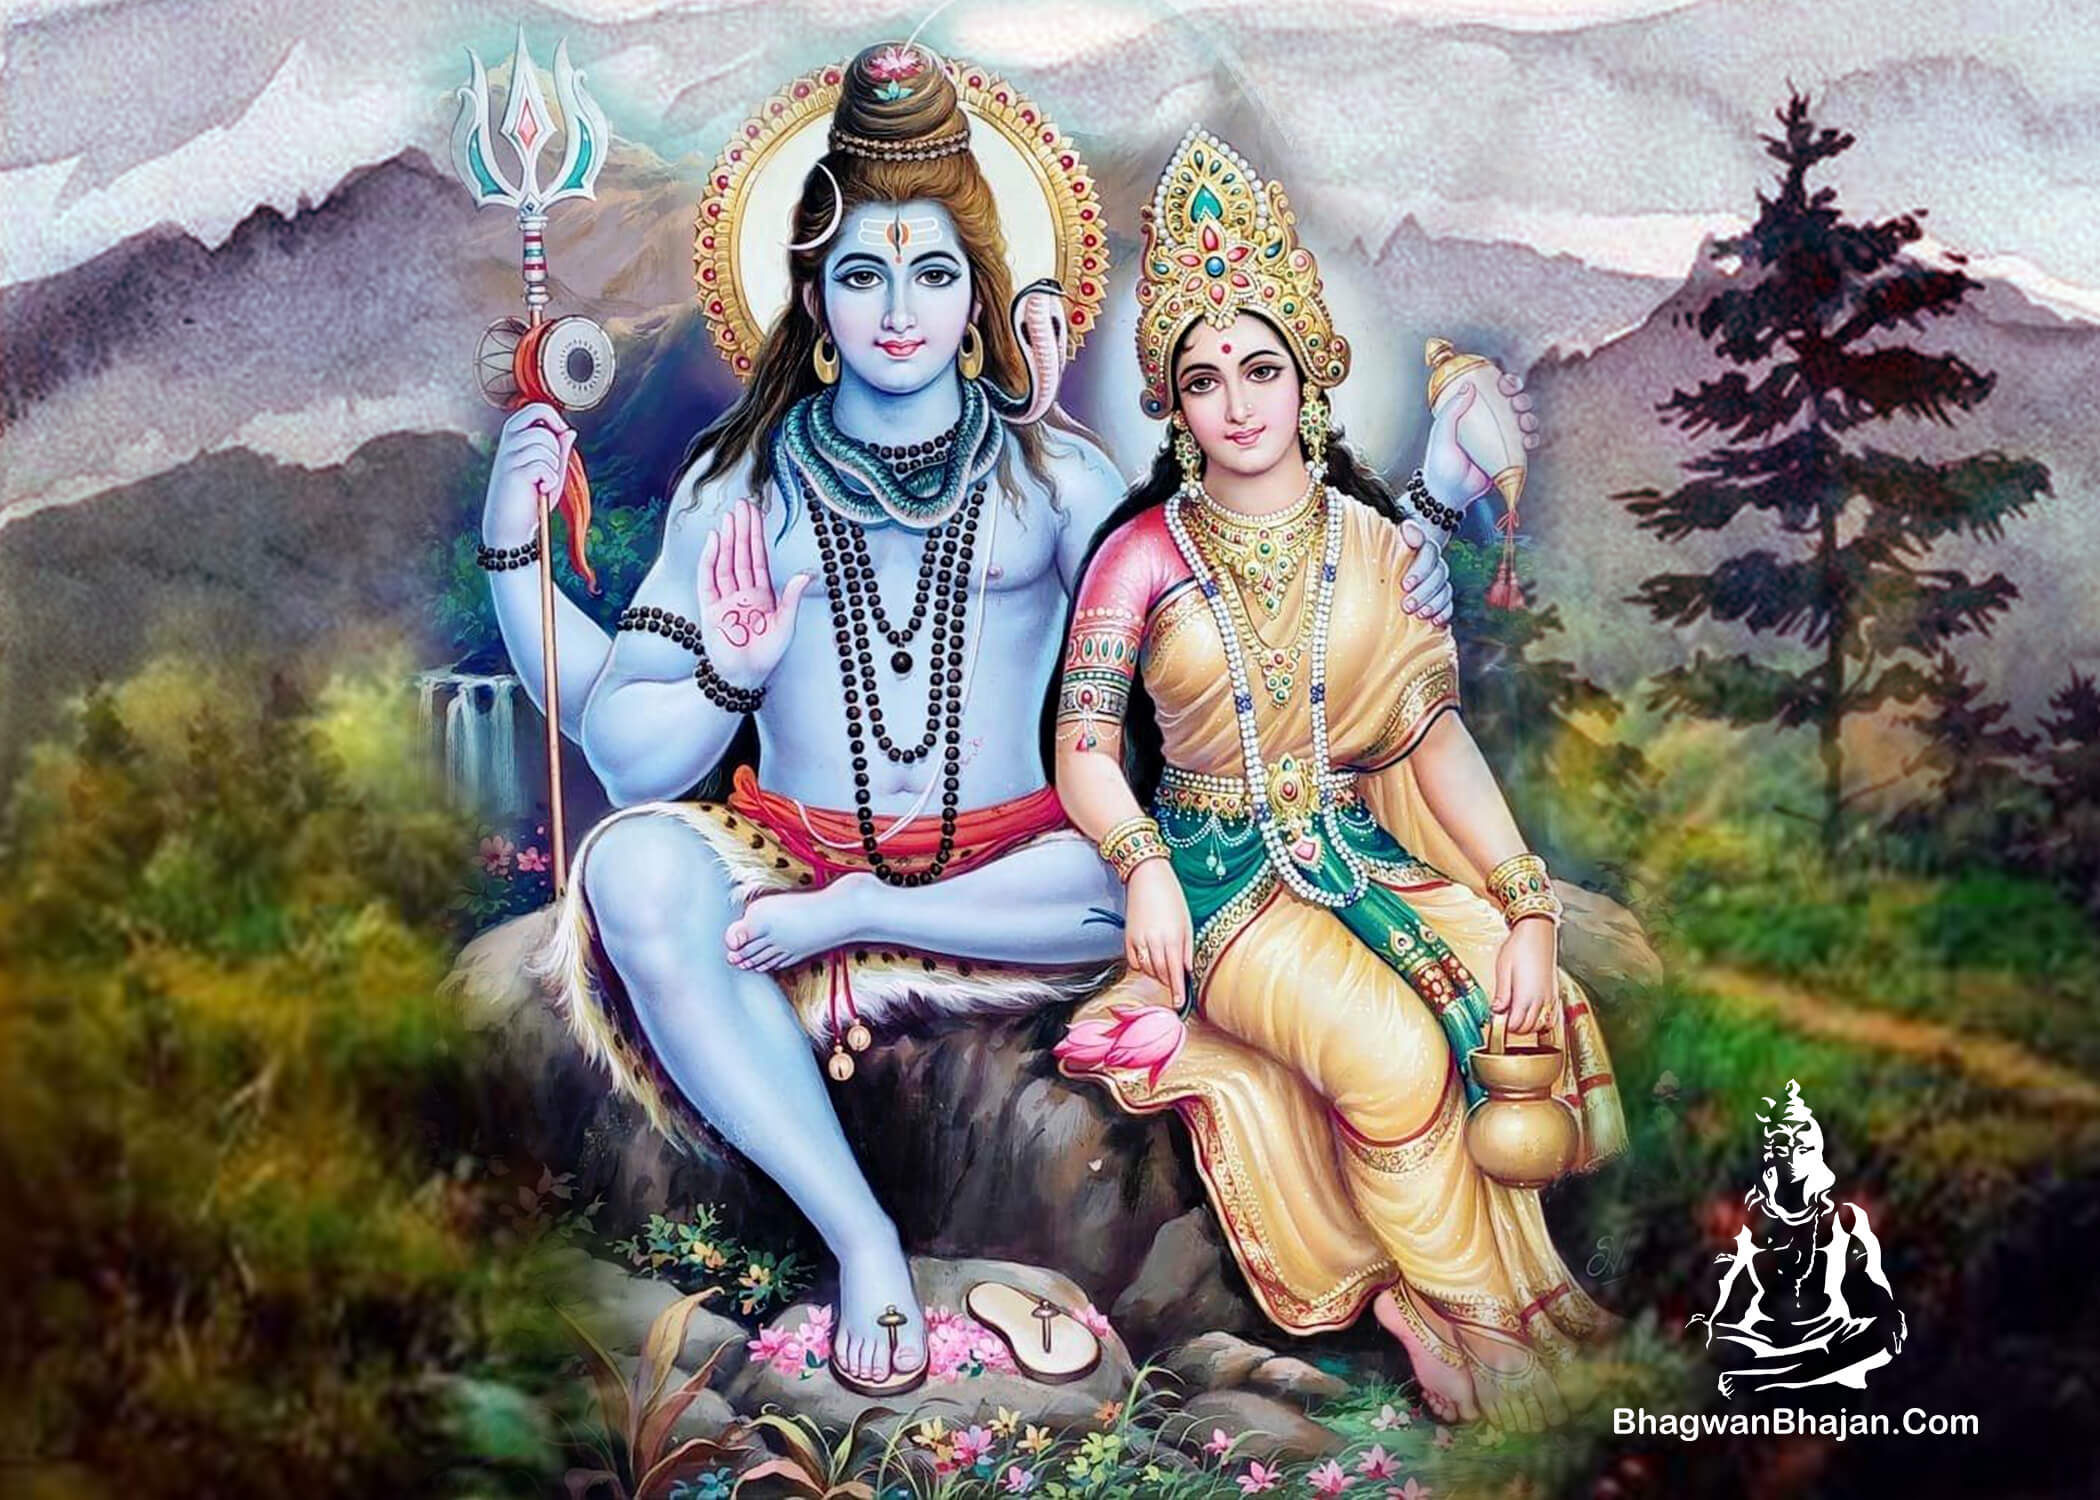 bhagwan shiv mata parvati kailash parvat wallpaper